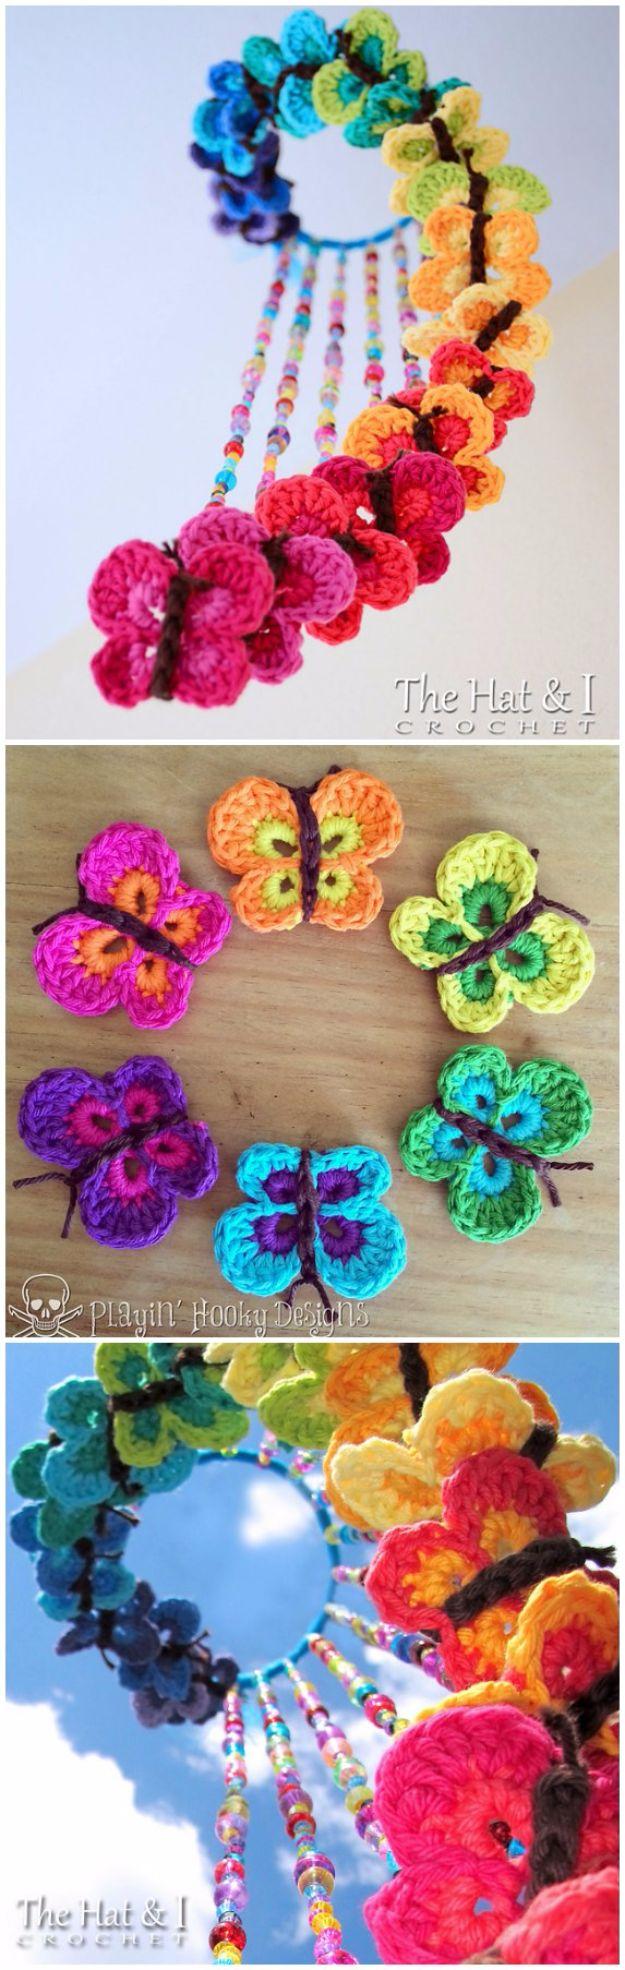 35 verträumte DIY-Ideen mit Schmetterlingen